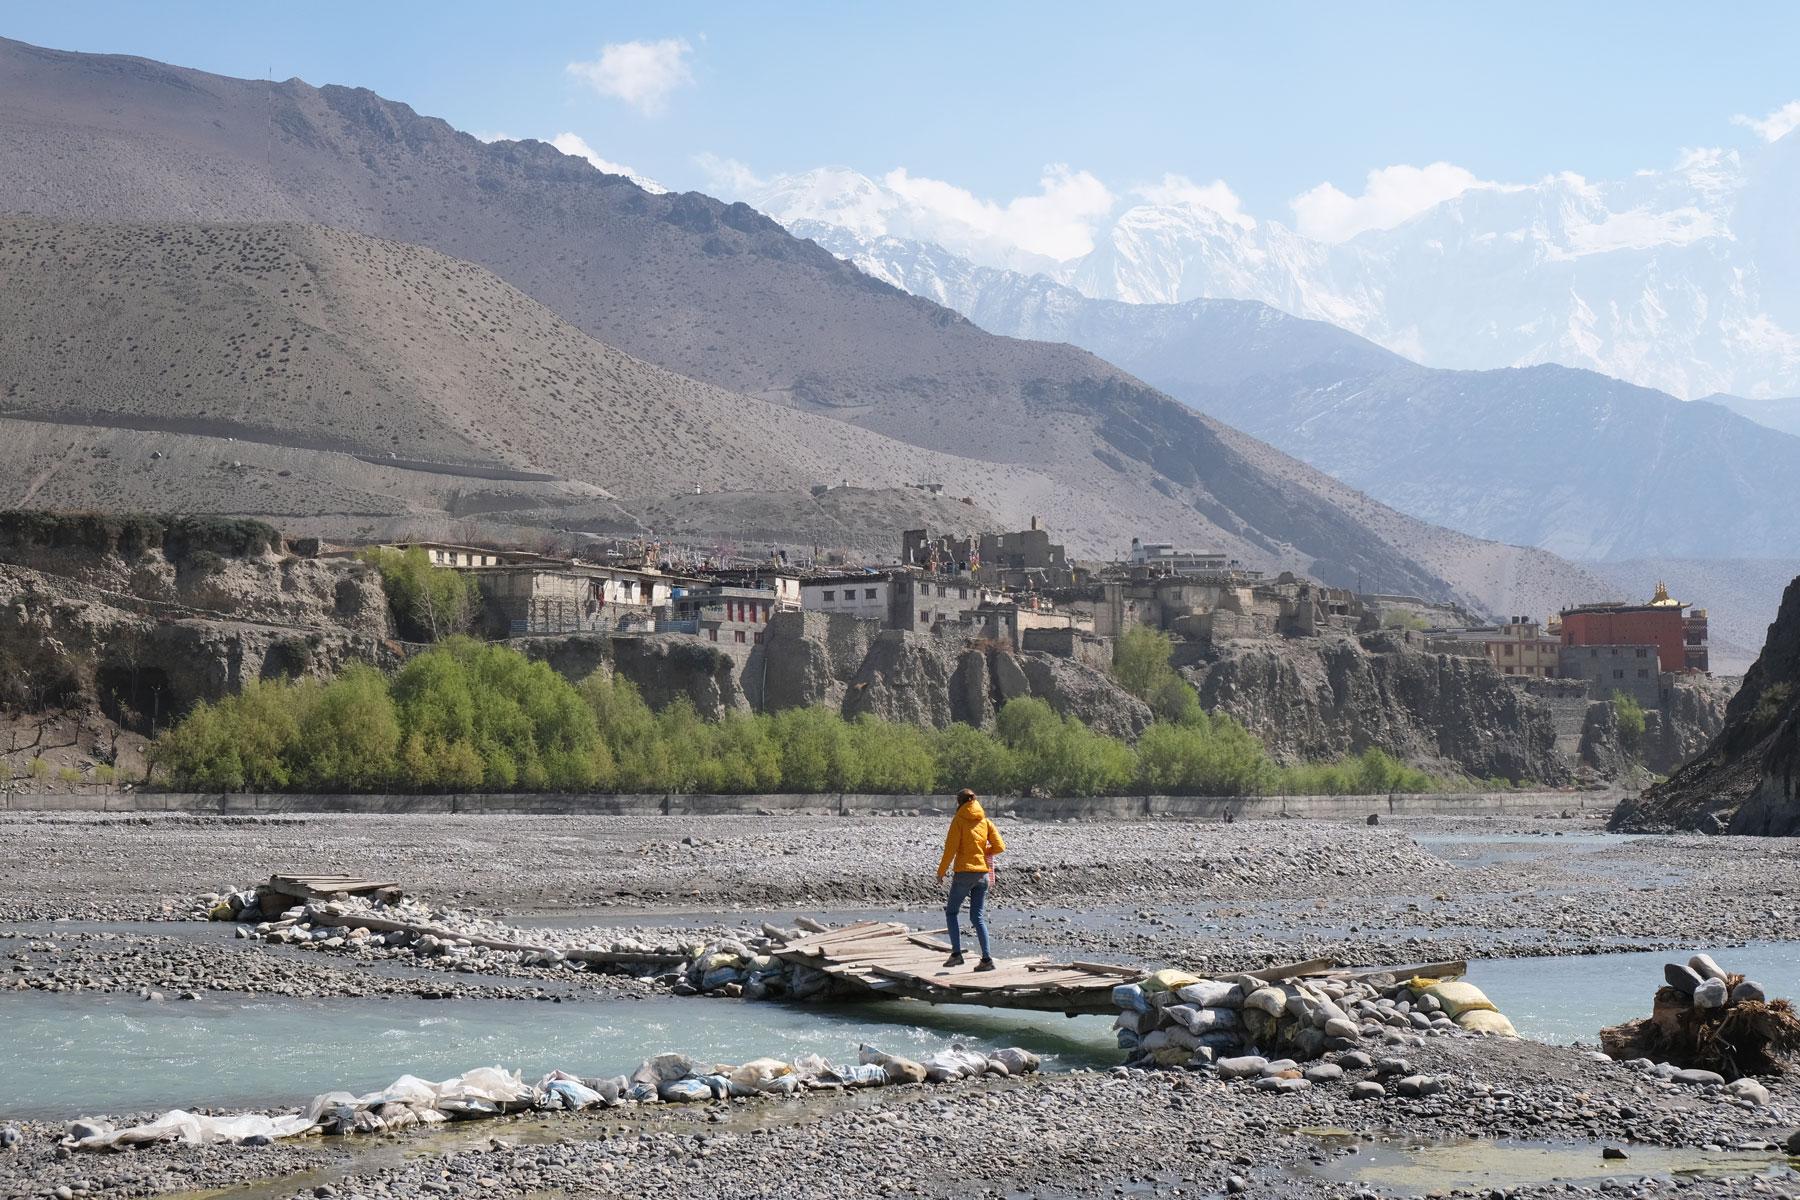 Leo geht im Flussbett des Kali Gandaki über eine schmale Holzbrücke.